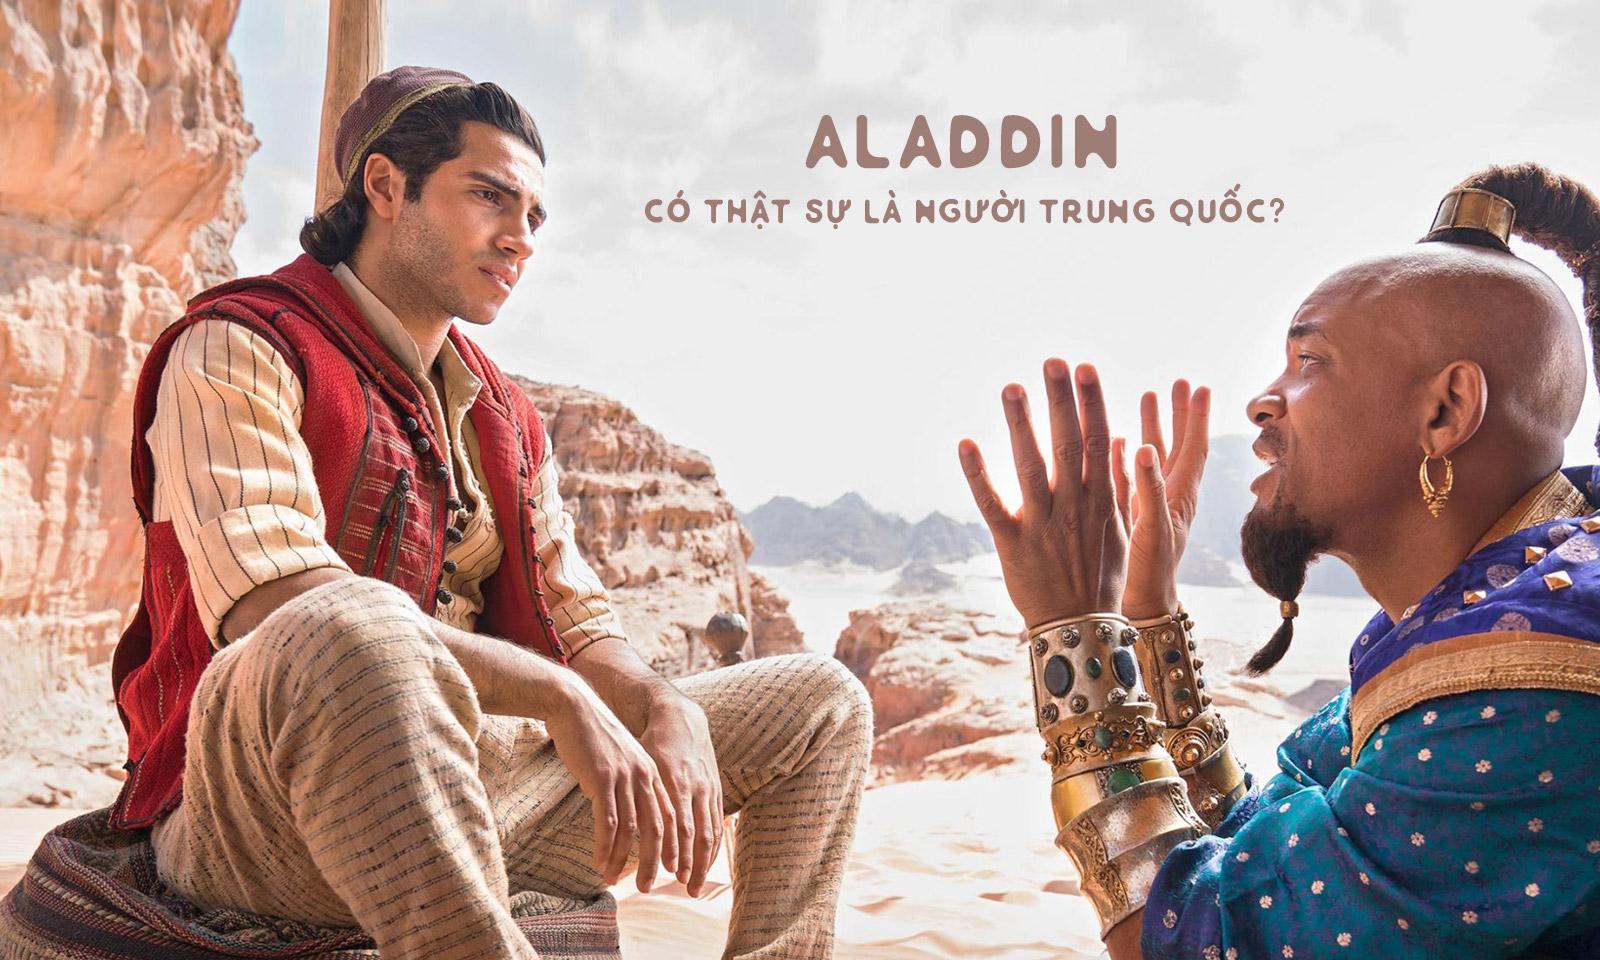 Aladdin có thật sự là người Trung Quốc?